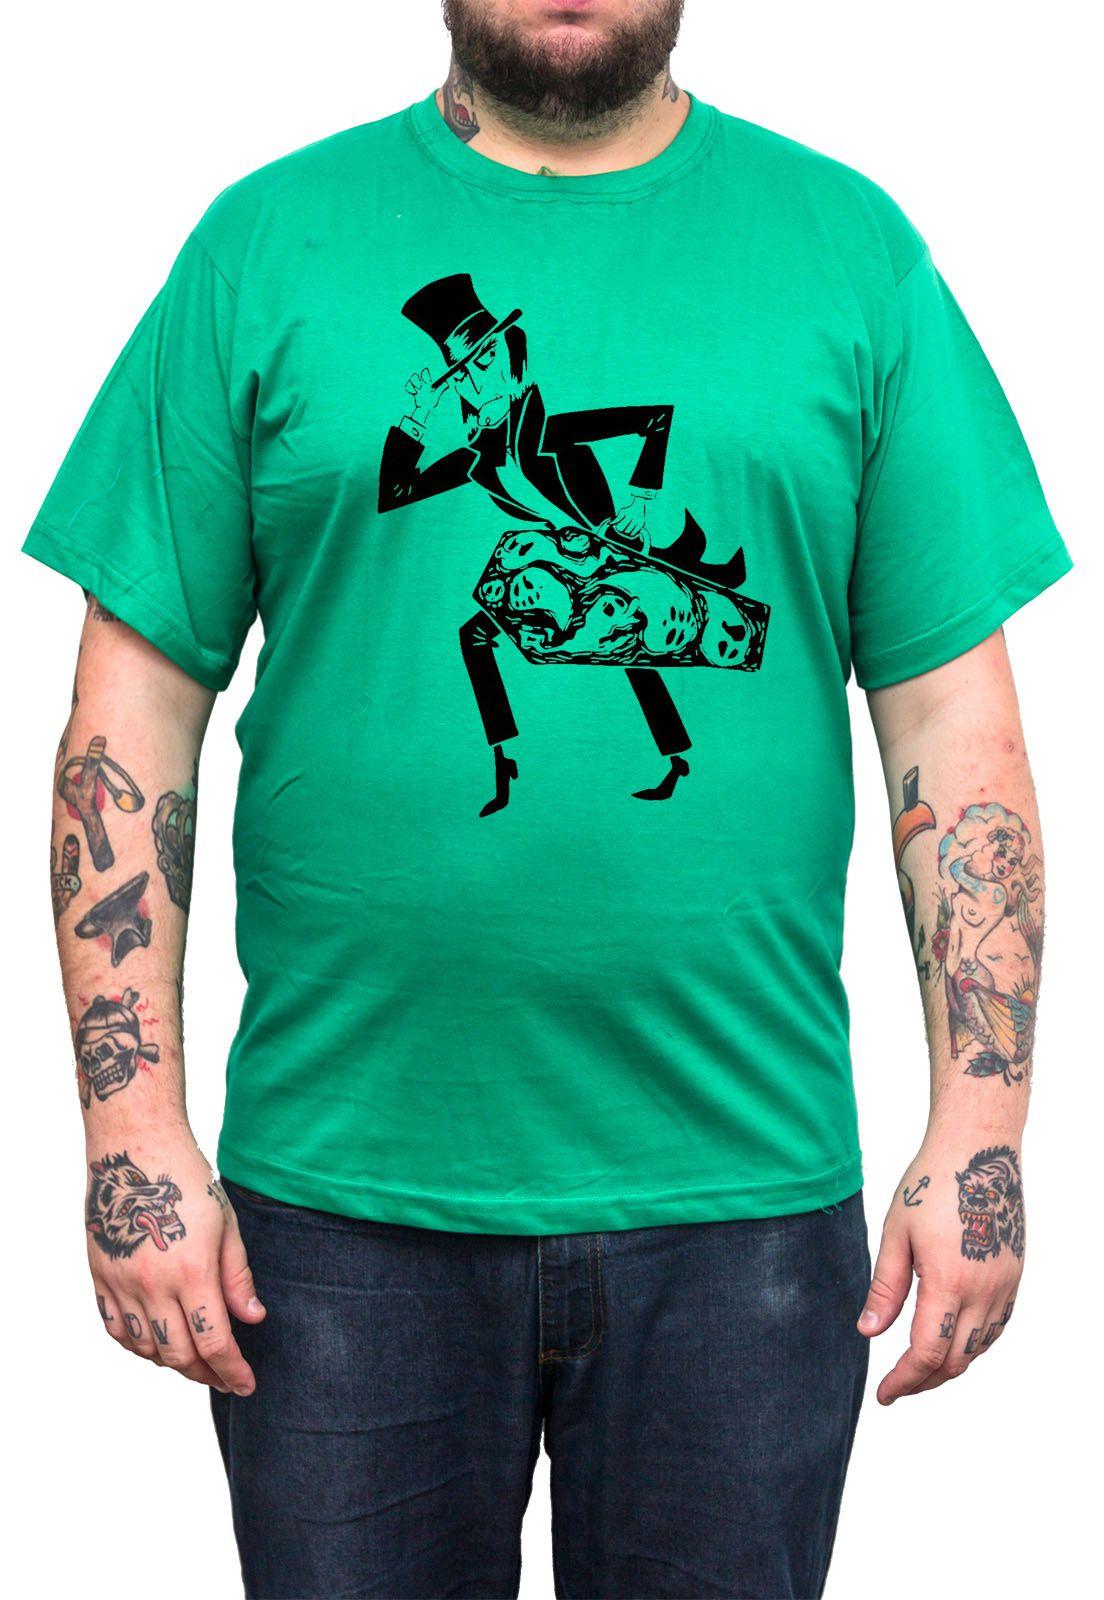 Camiseta Houdini - Plus Size - Tamanho XG  - HShop